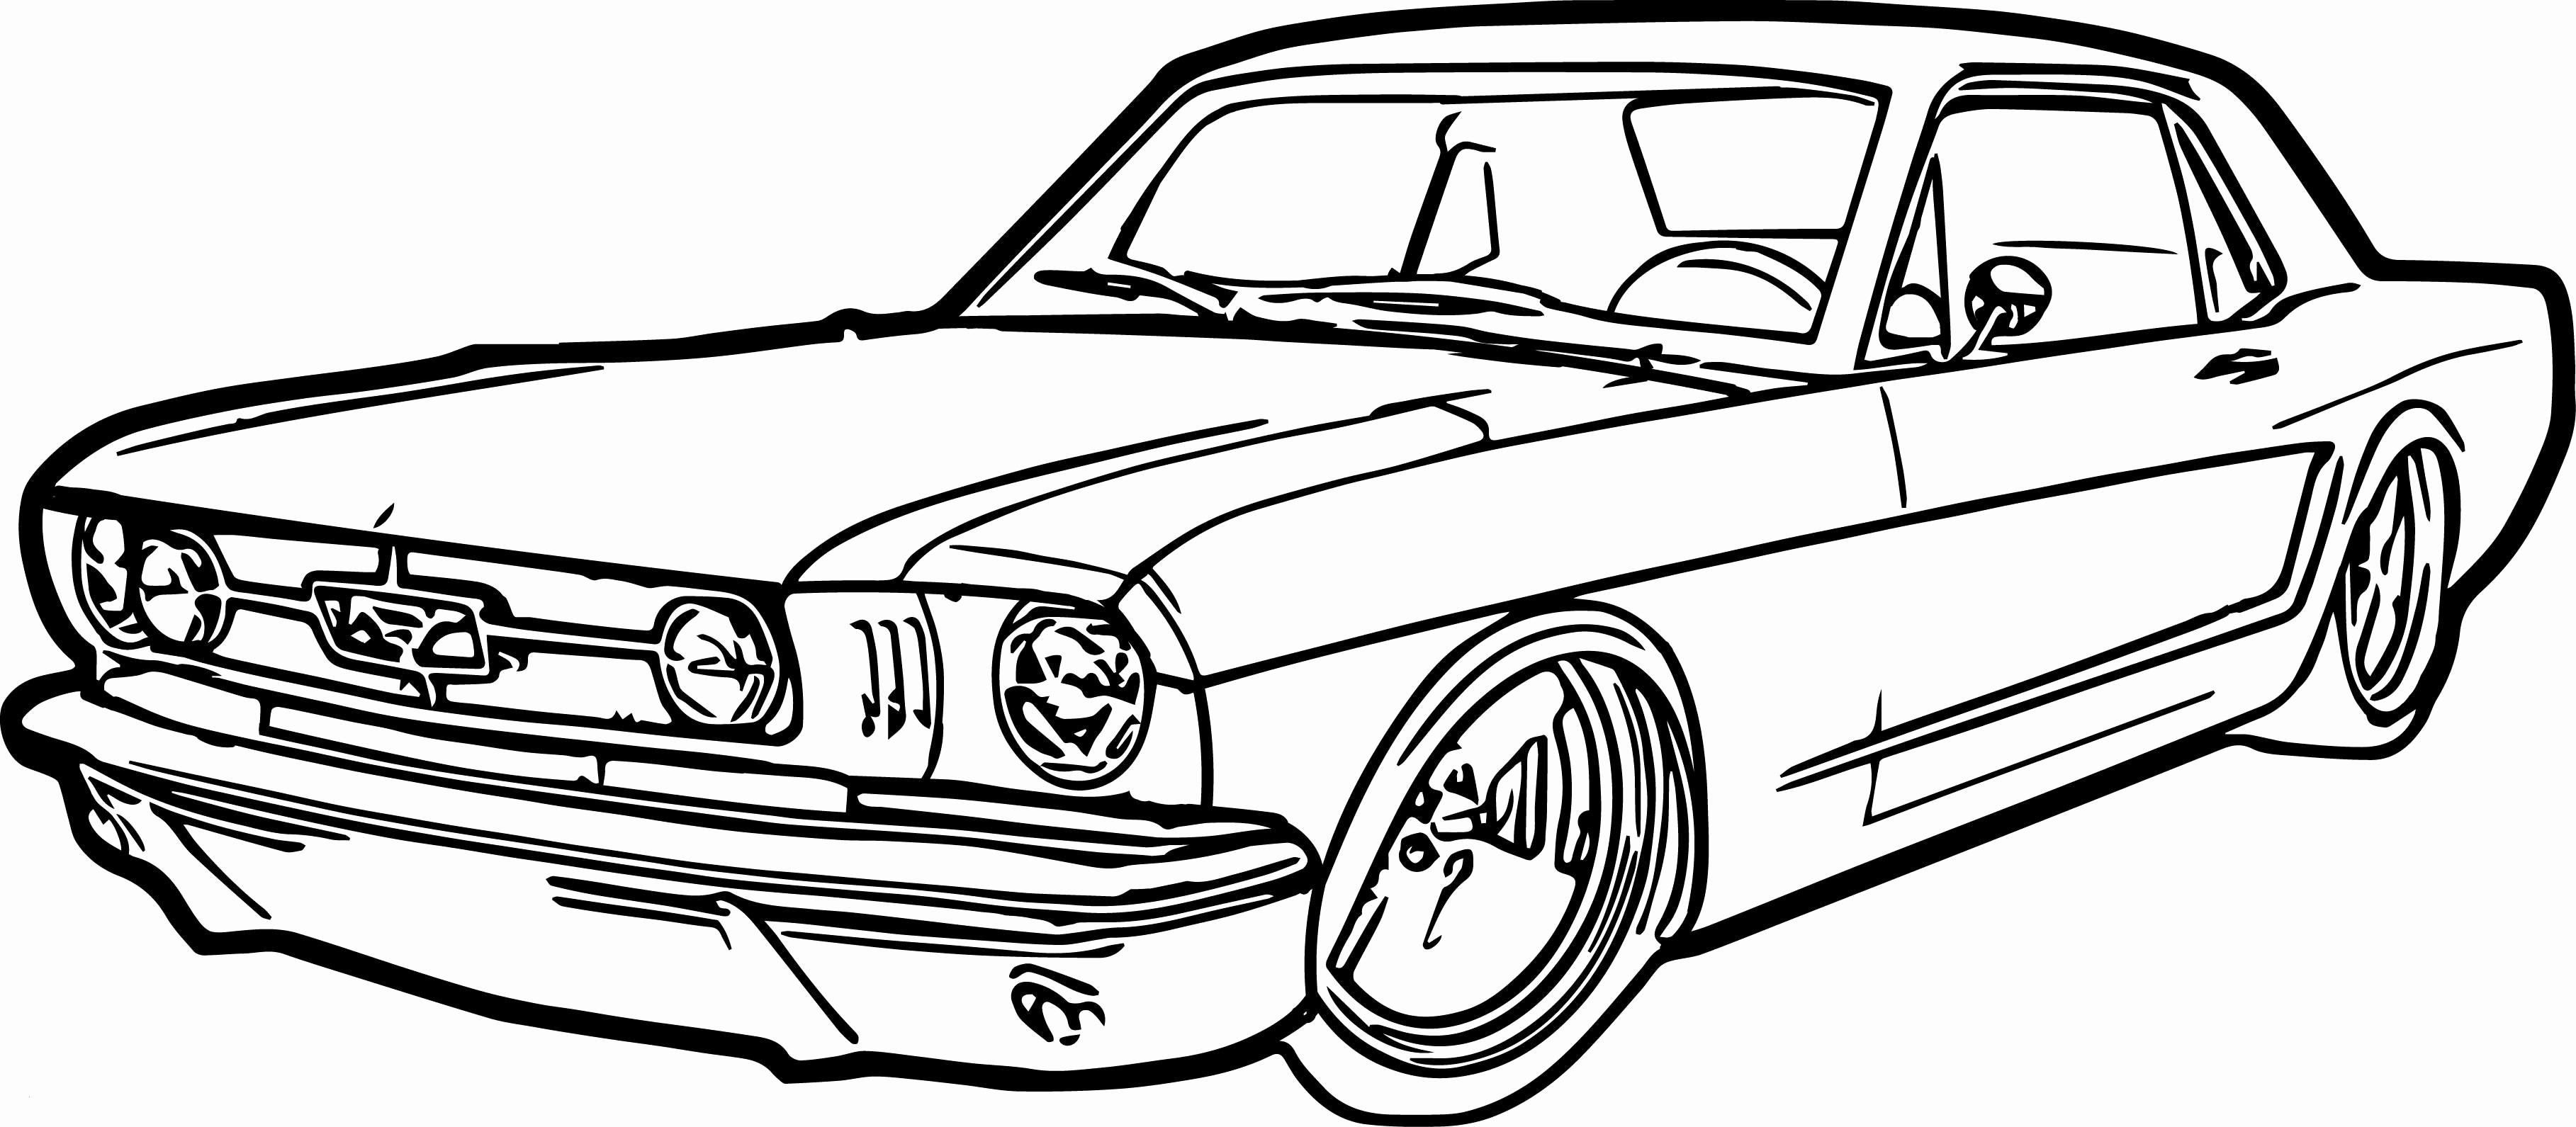 Ausmalbilder Rennauto Inspirierend Cars Lightning Mcqueen Zum Ausmalen Stock